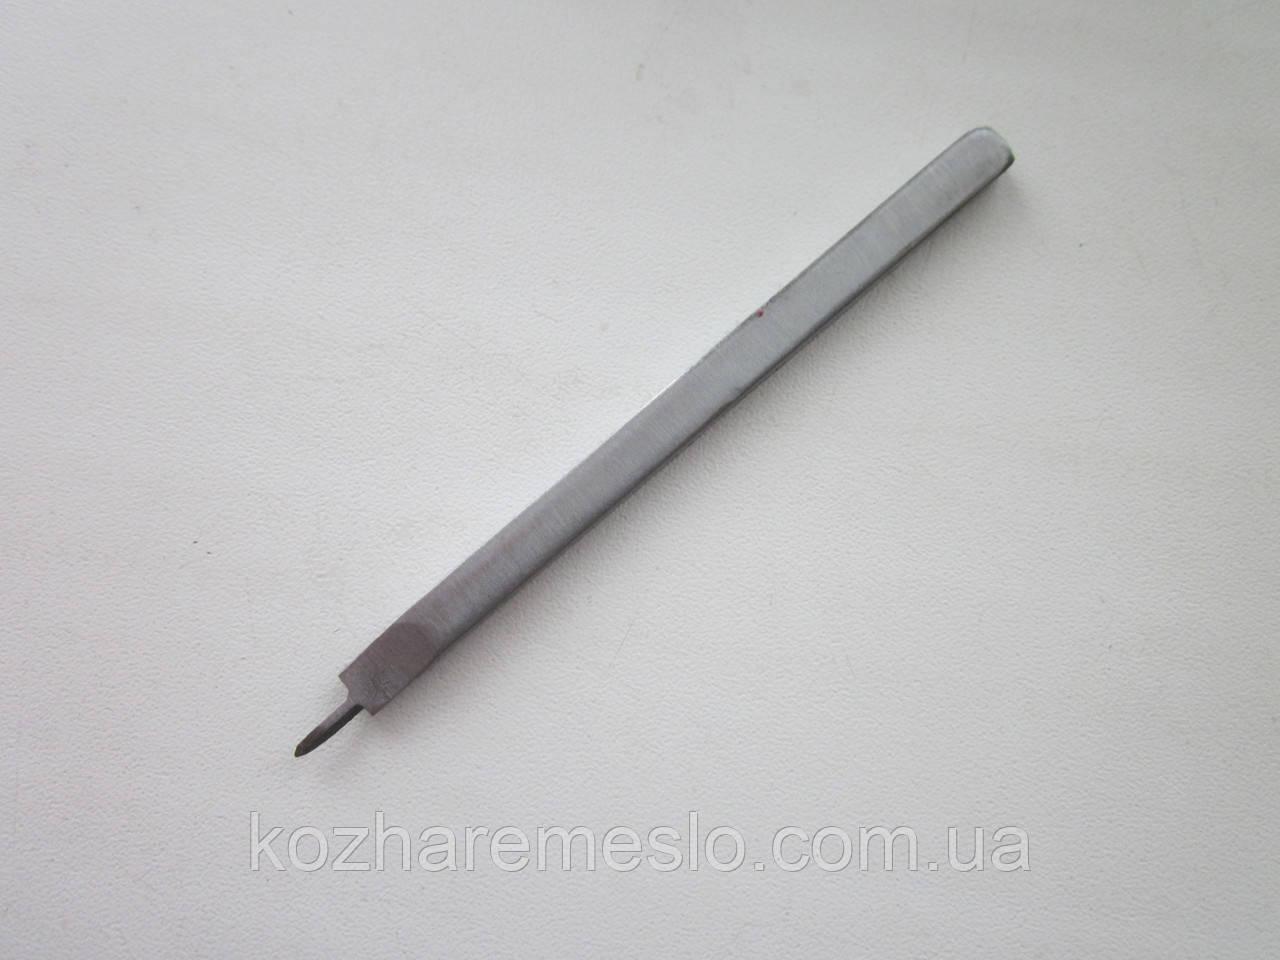 Пробойник шаговый (вилковый) для кожи шаг 3 мм (1 зуб)